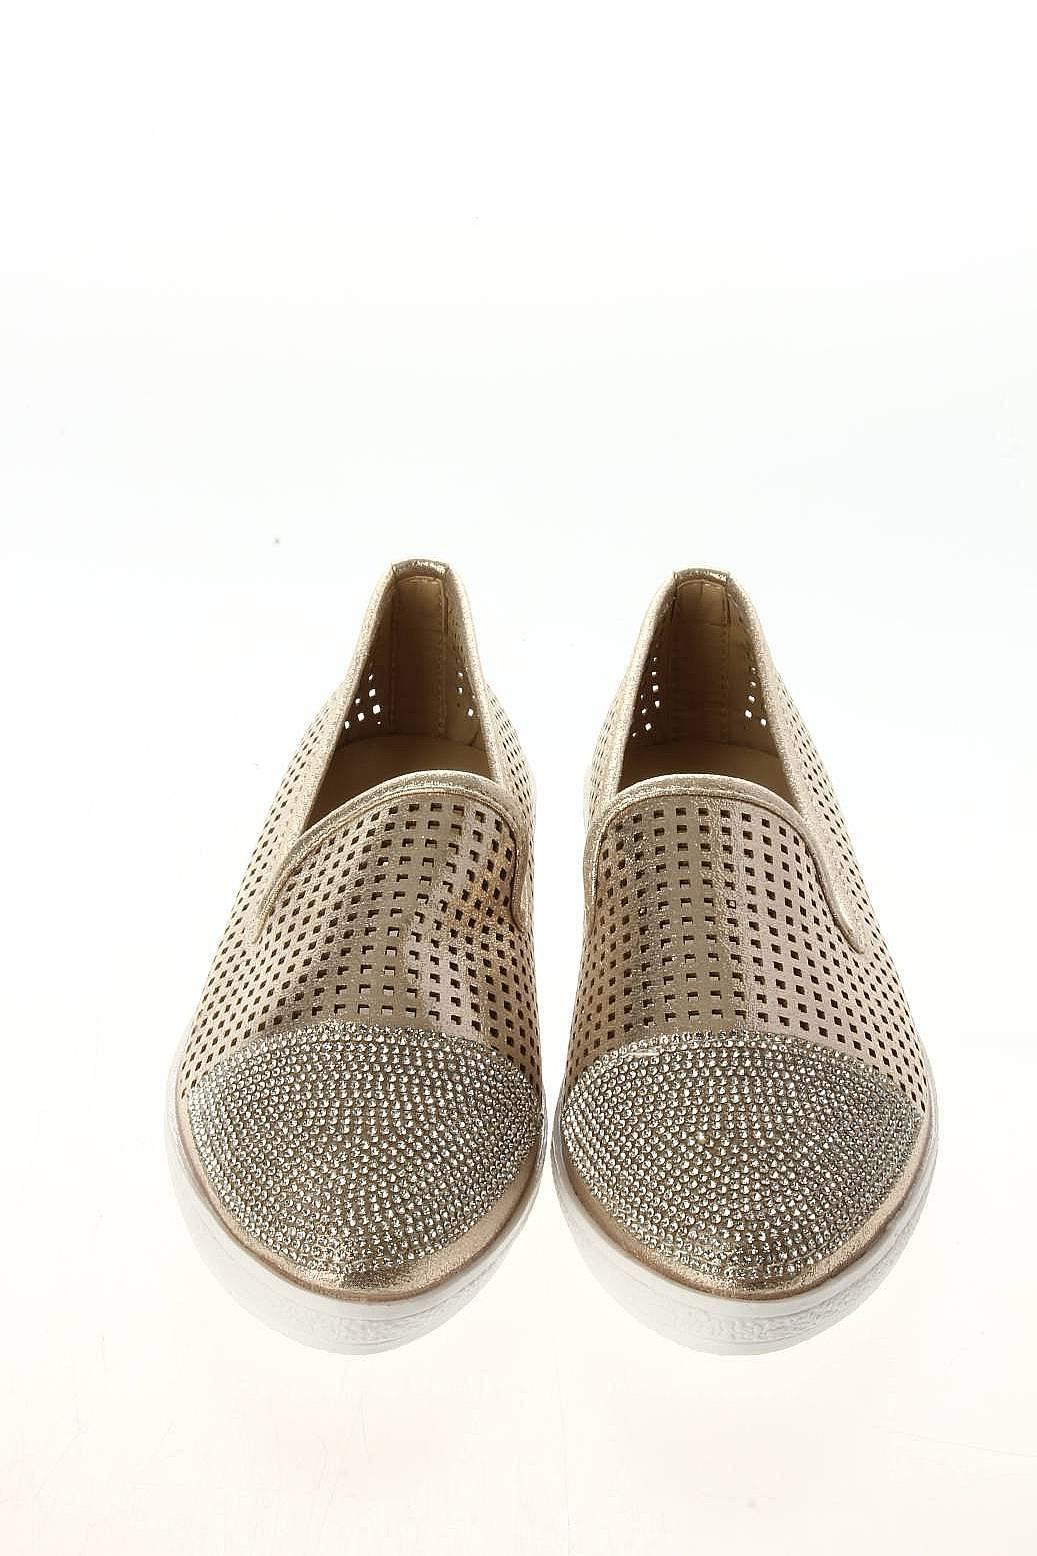 Мужская Обувь Детская Обувь Женская Обувь Ботинки: EVITA Обувь